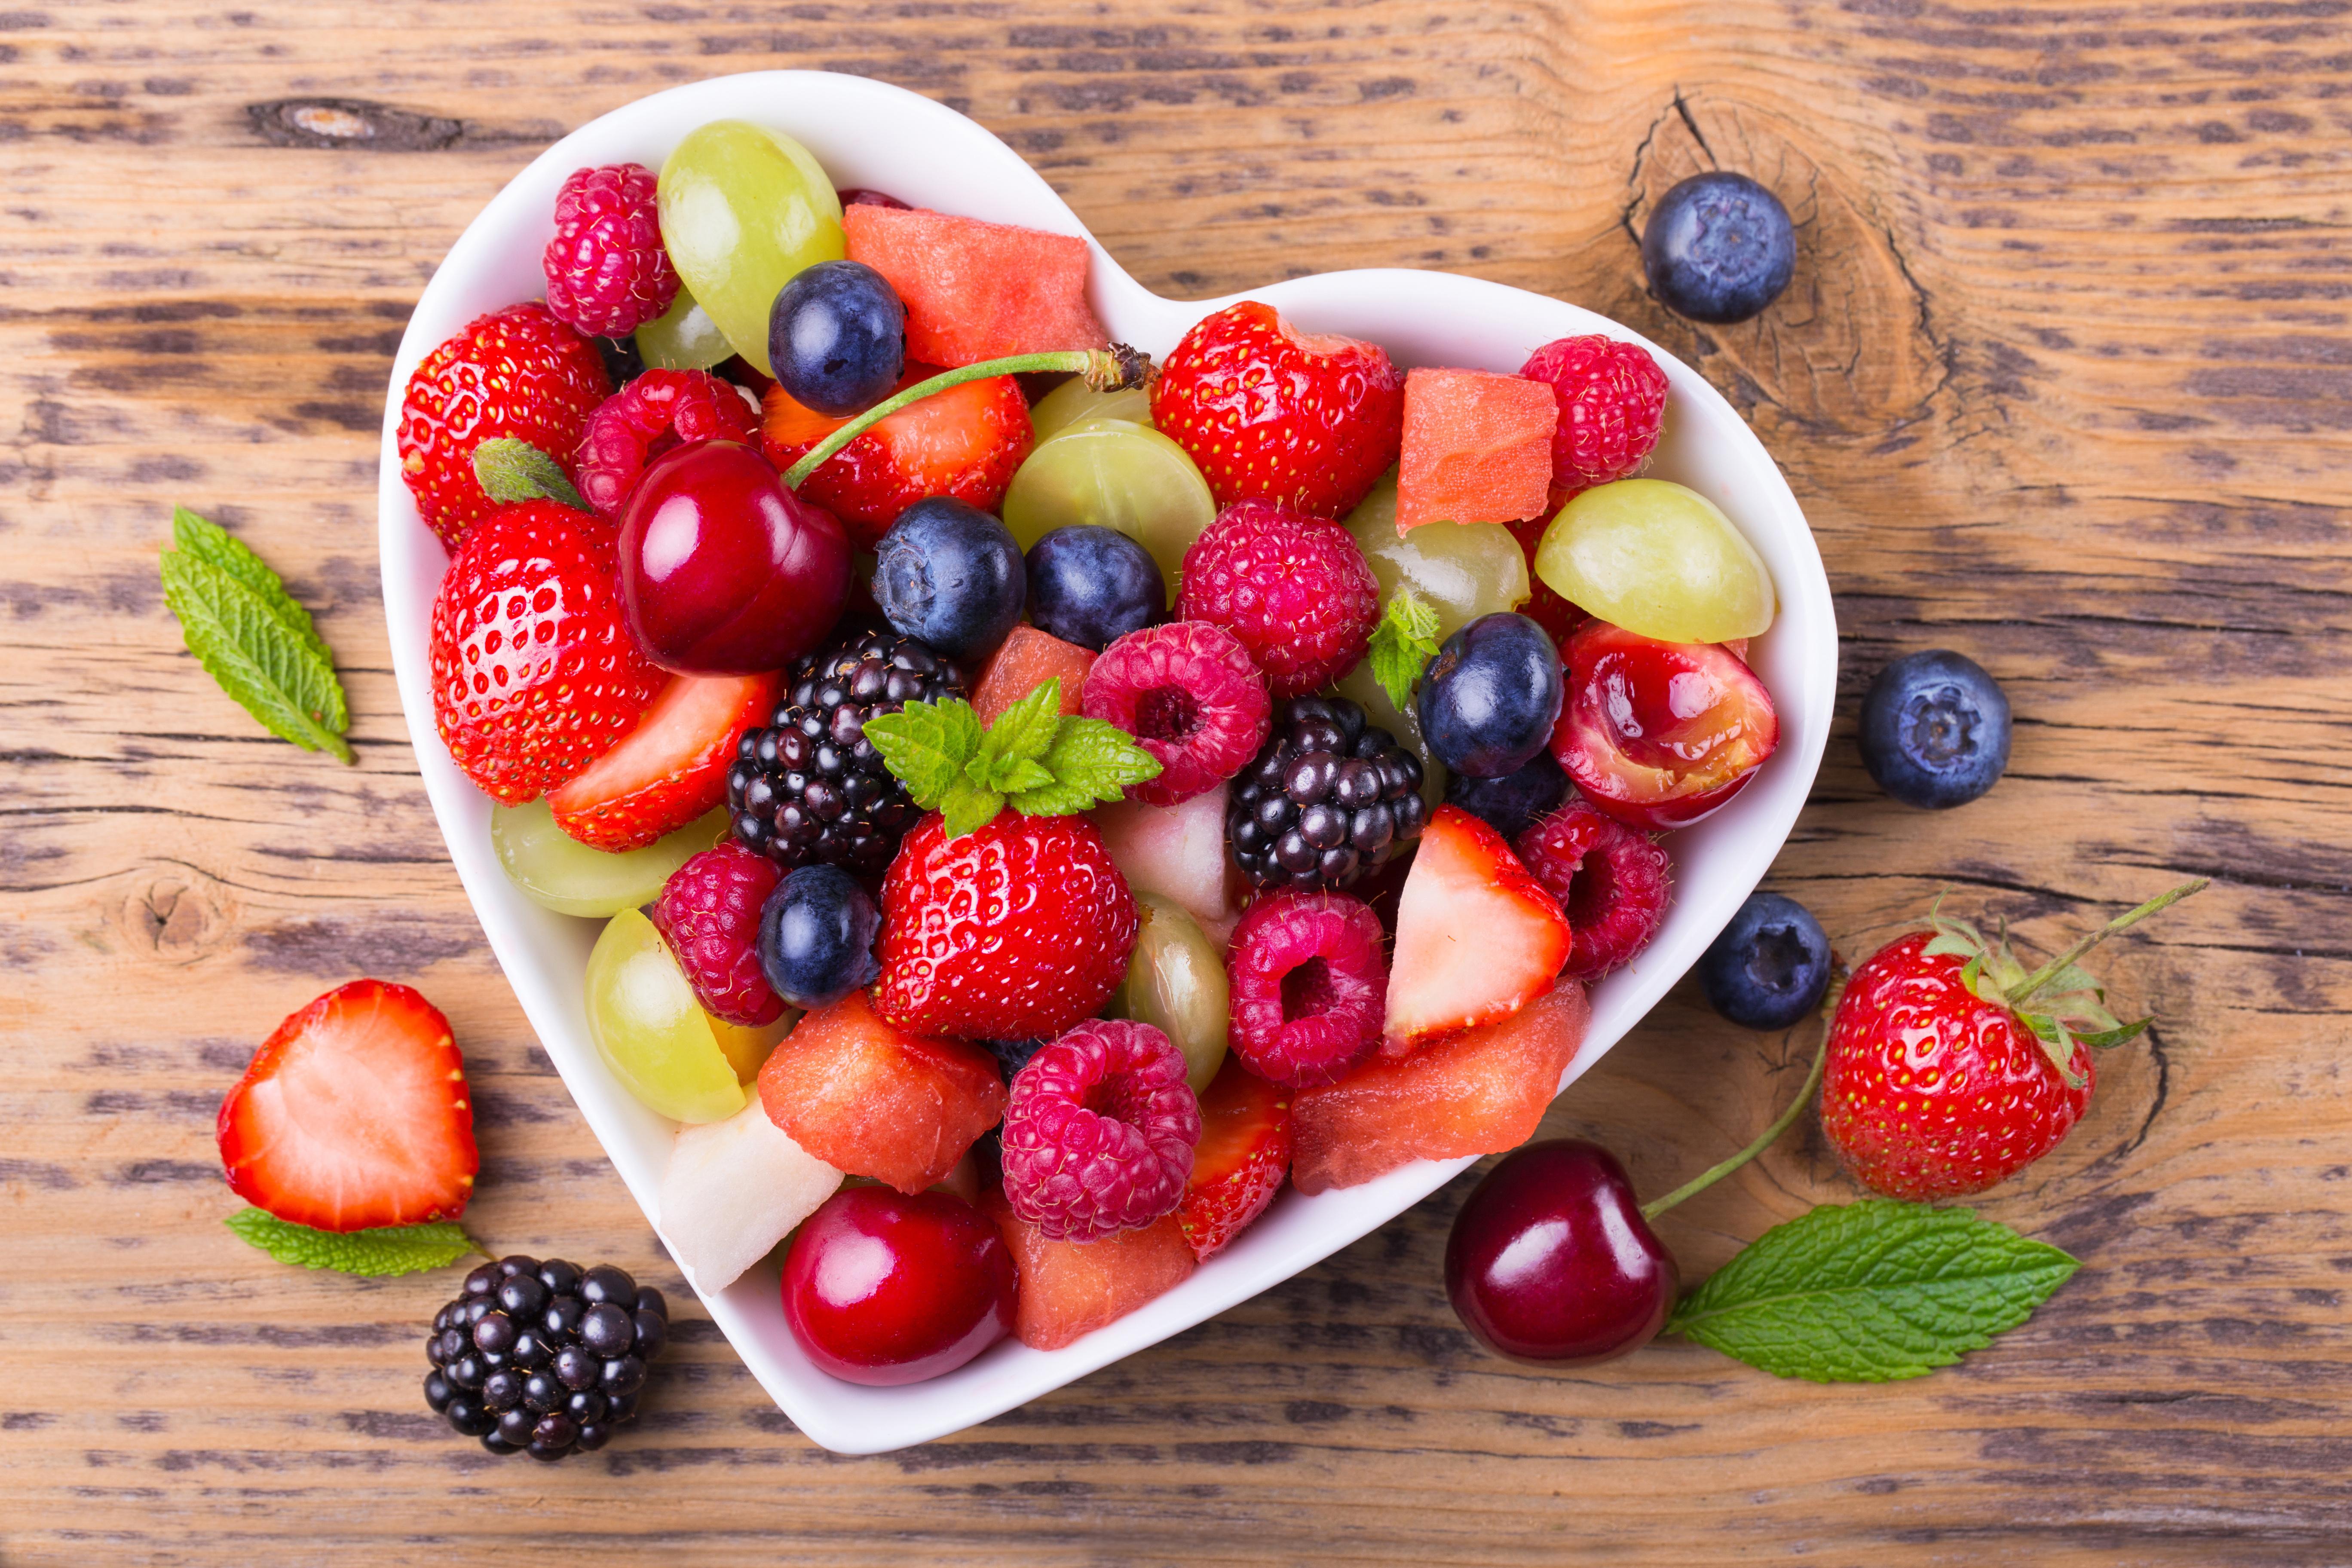 Картинка: Ягоды, витамины, малина, клубника, ежевика, черешня, черника, виноград, сердечко